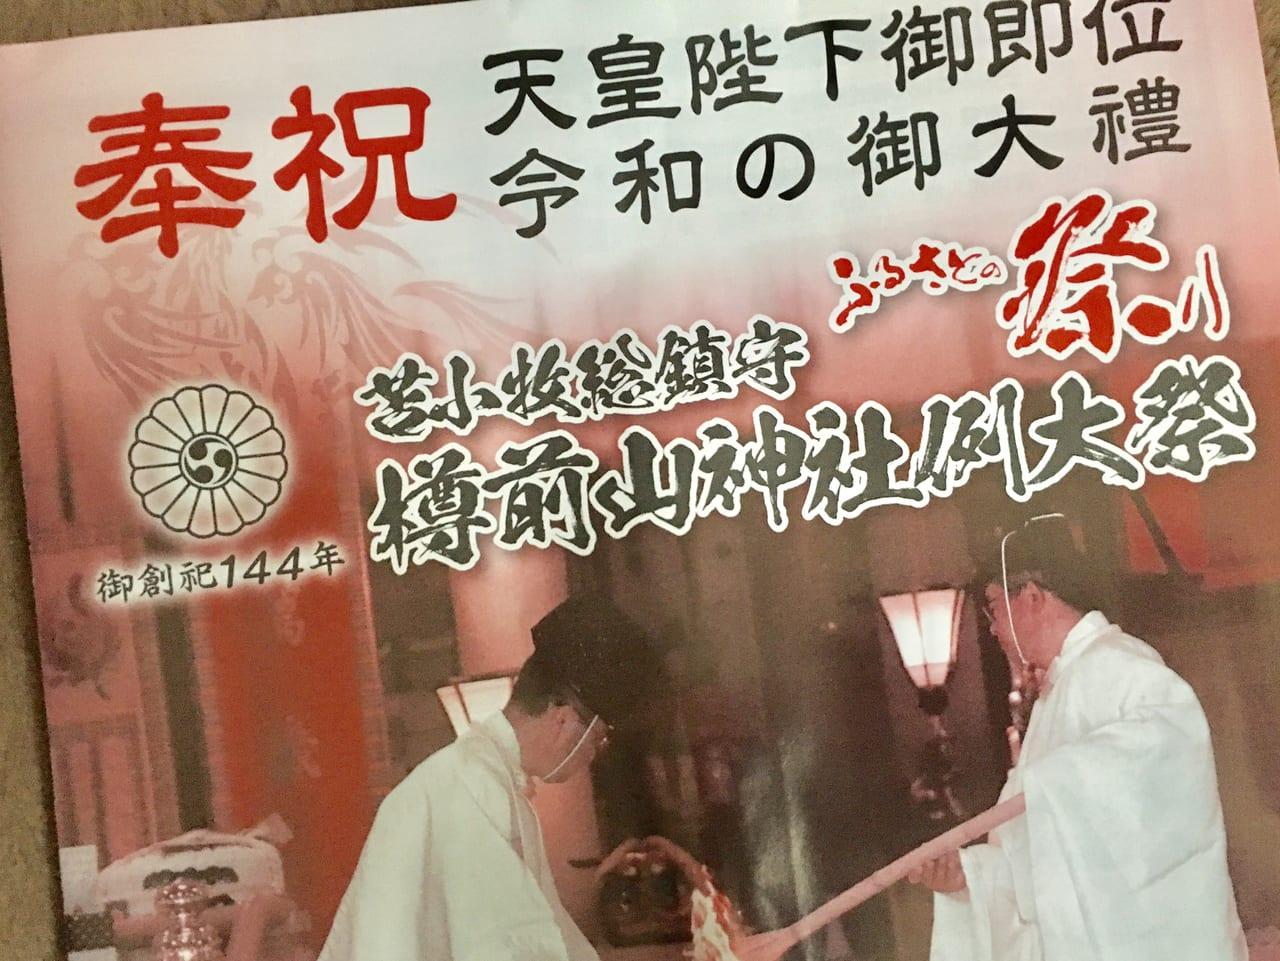 樽前山神社例大祭のチラシ